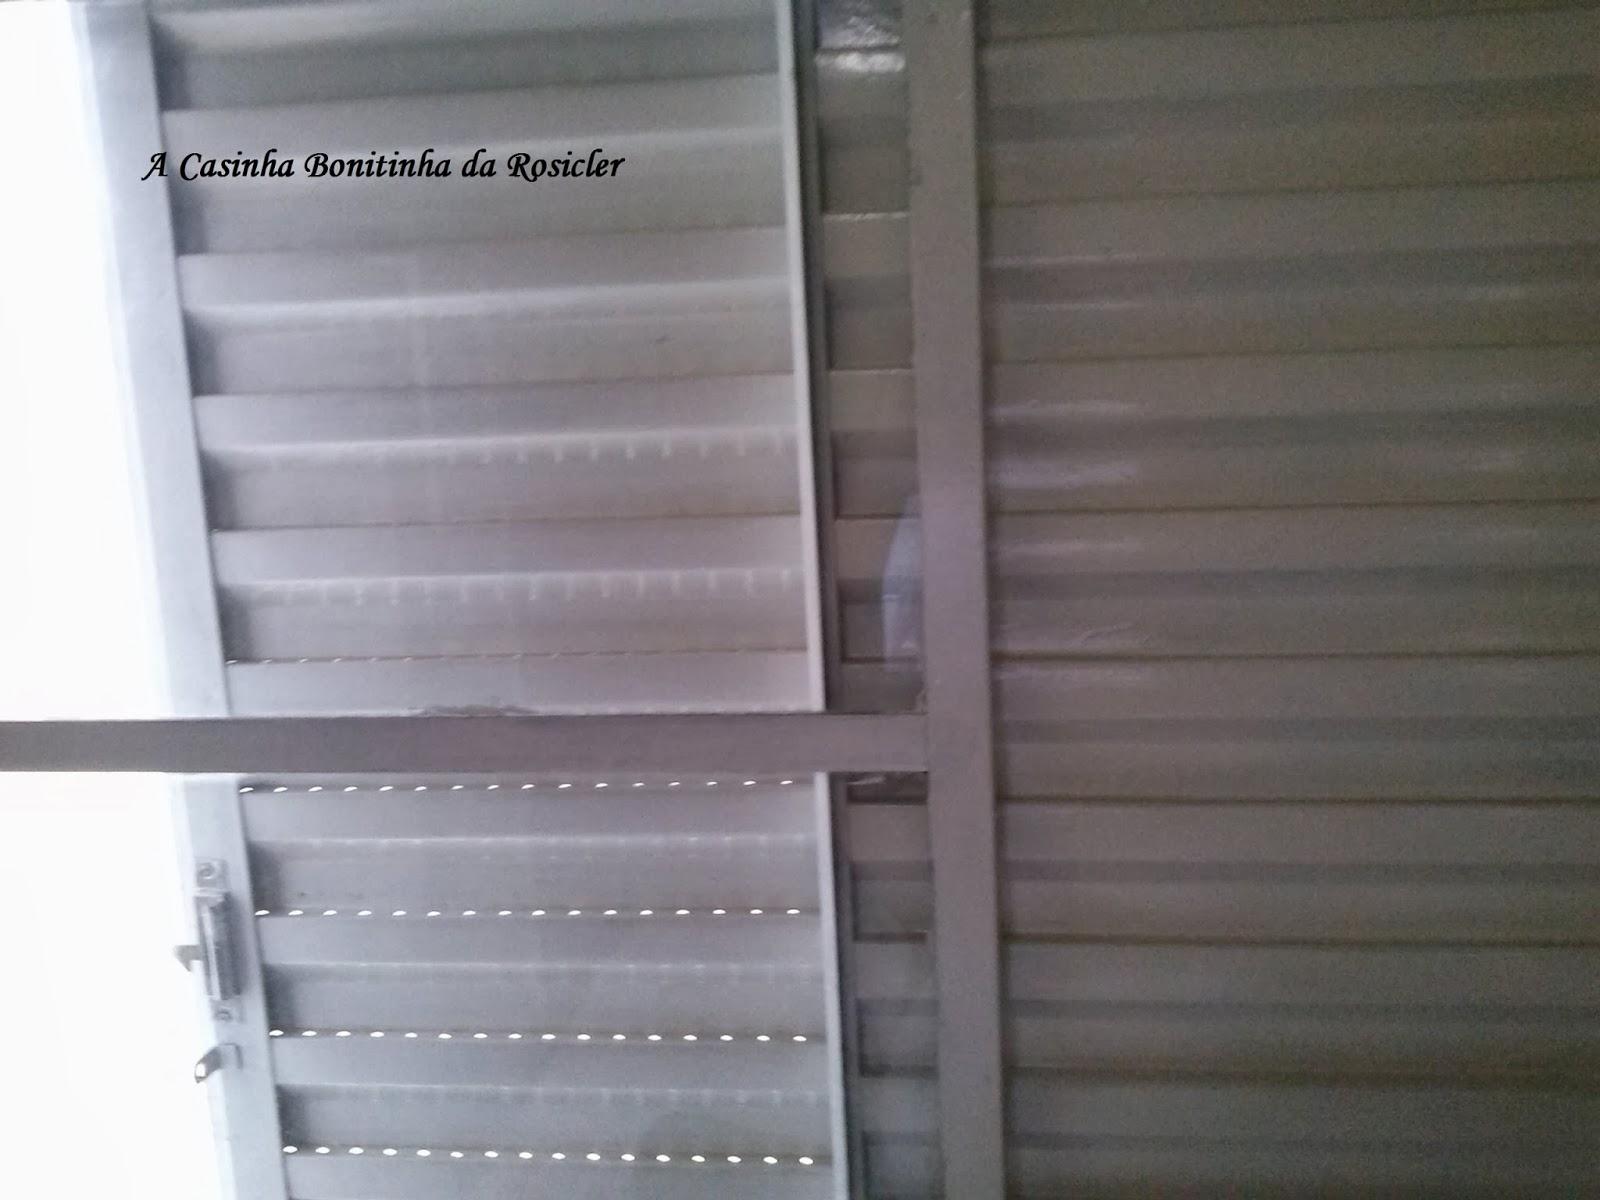 Rosicler Araujo Faxina Semestral Quarto Casal ~ Organizar Quarto Muito Bagunçado Com Tema Quarto De Bebe Feminino